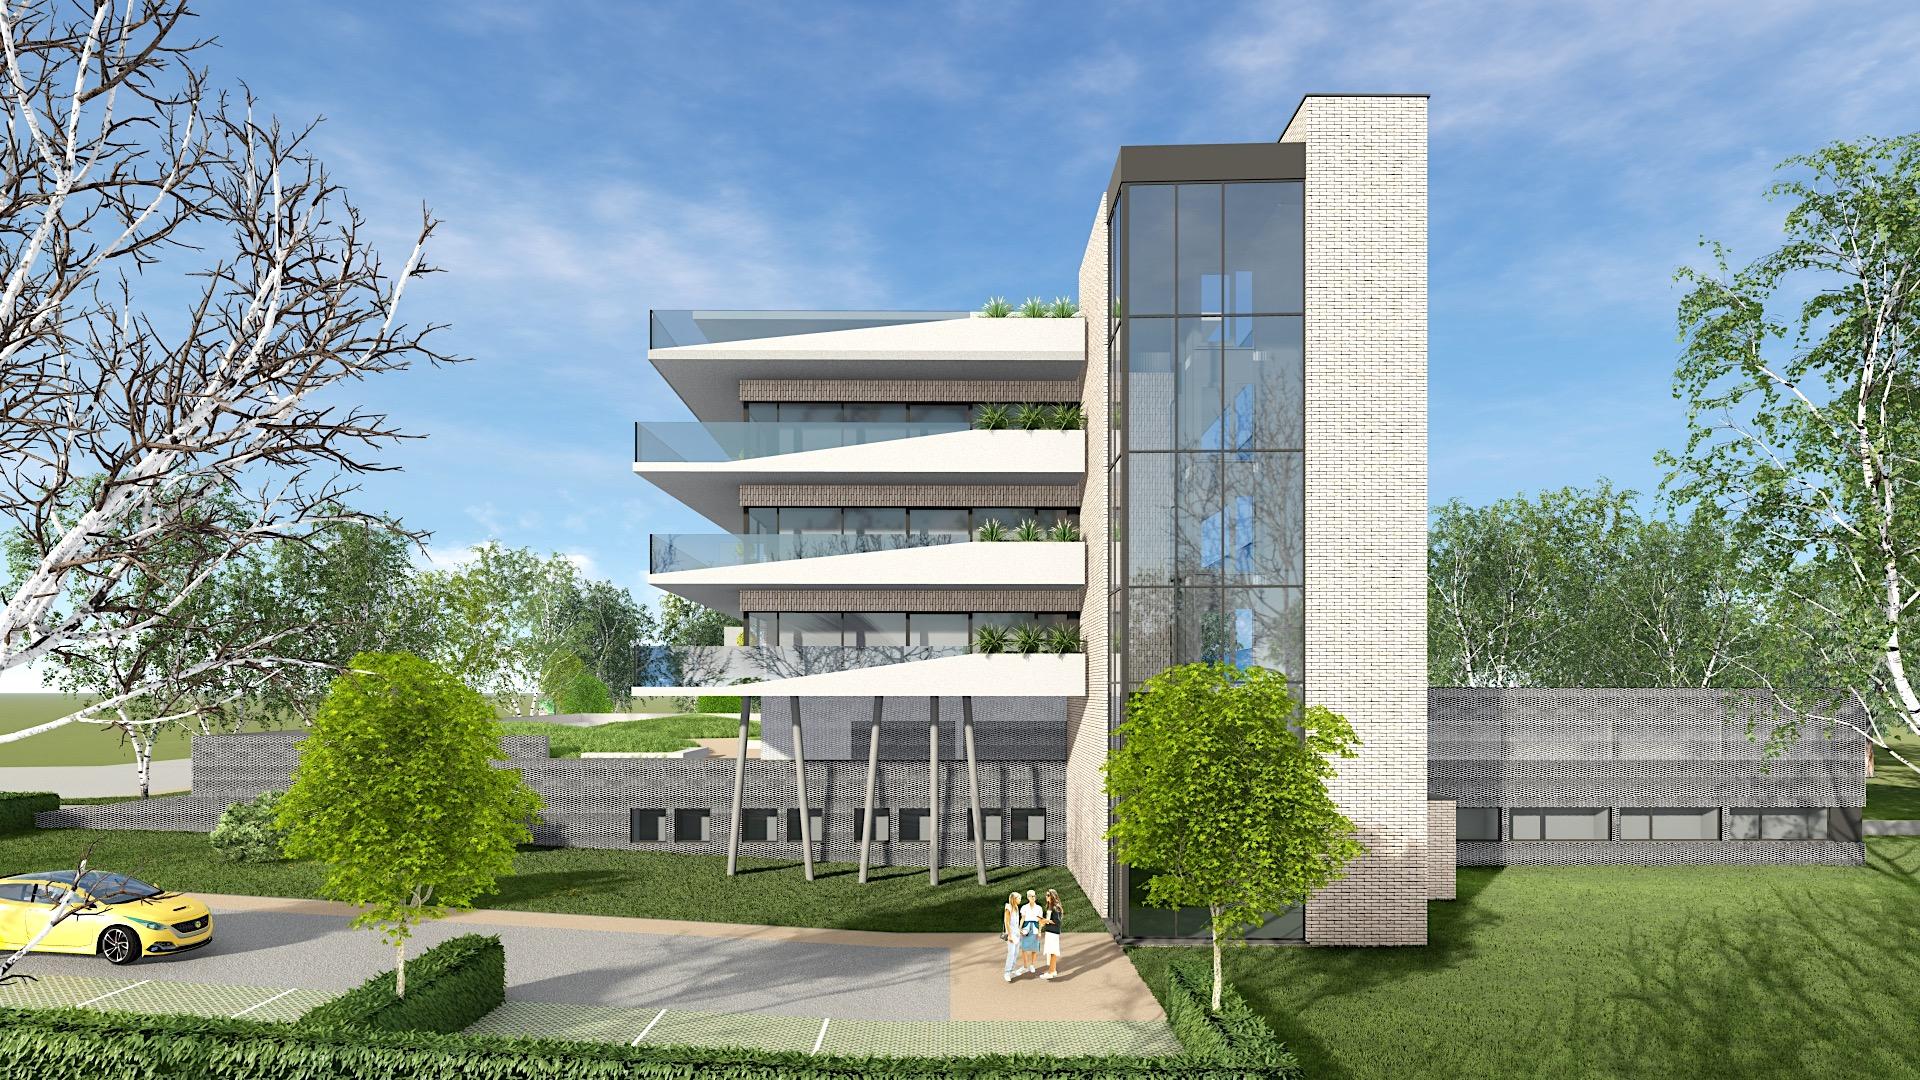 Quadra Architecture & Management